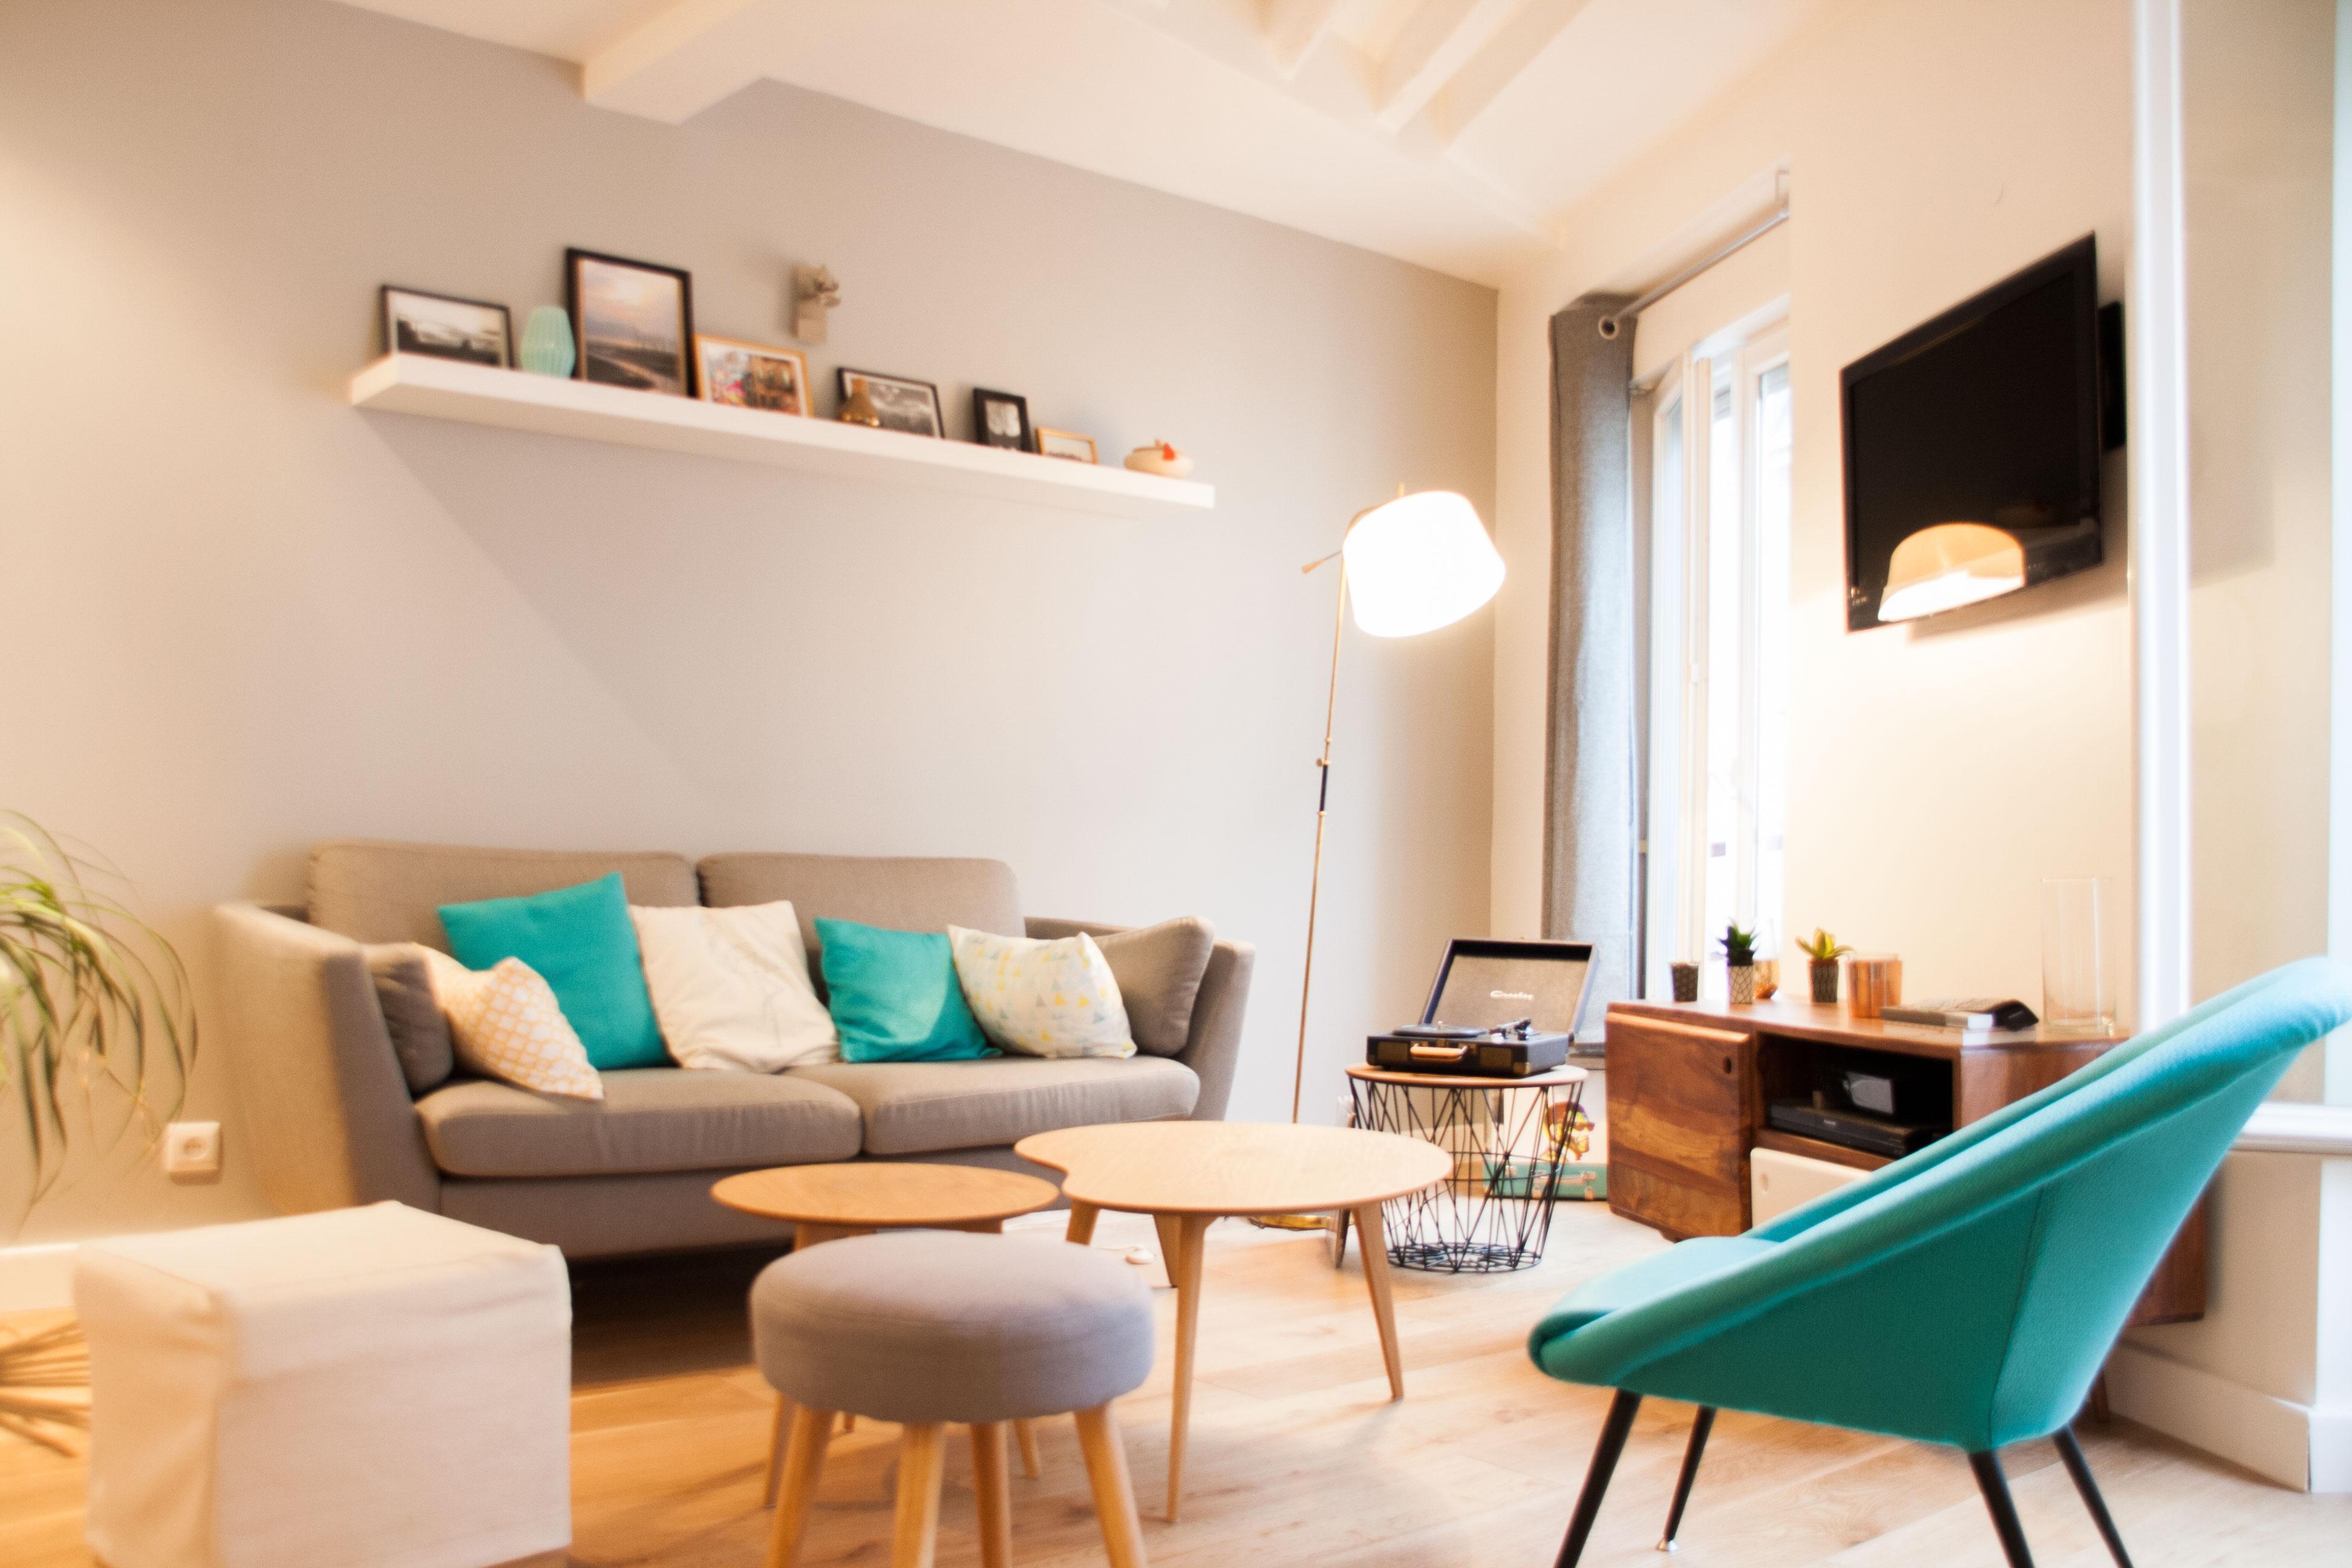 Chasseur immobilier avis et témoignage client